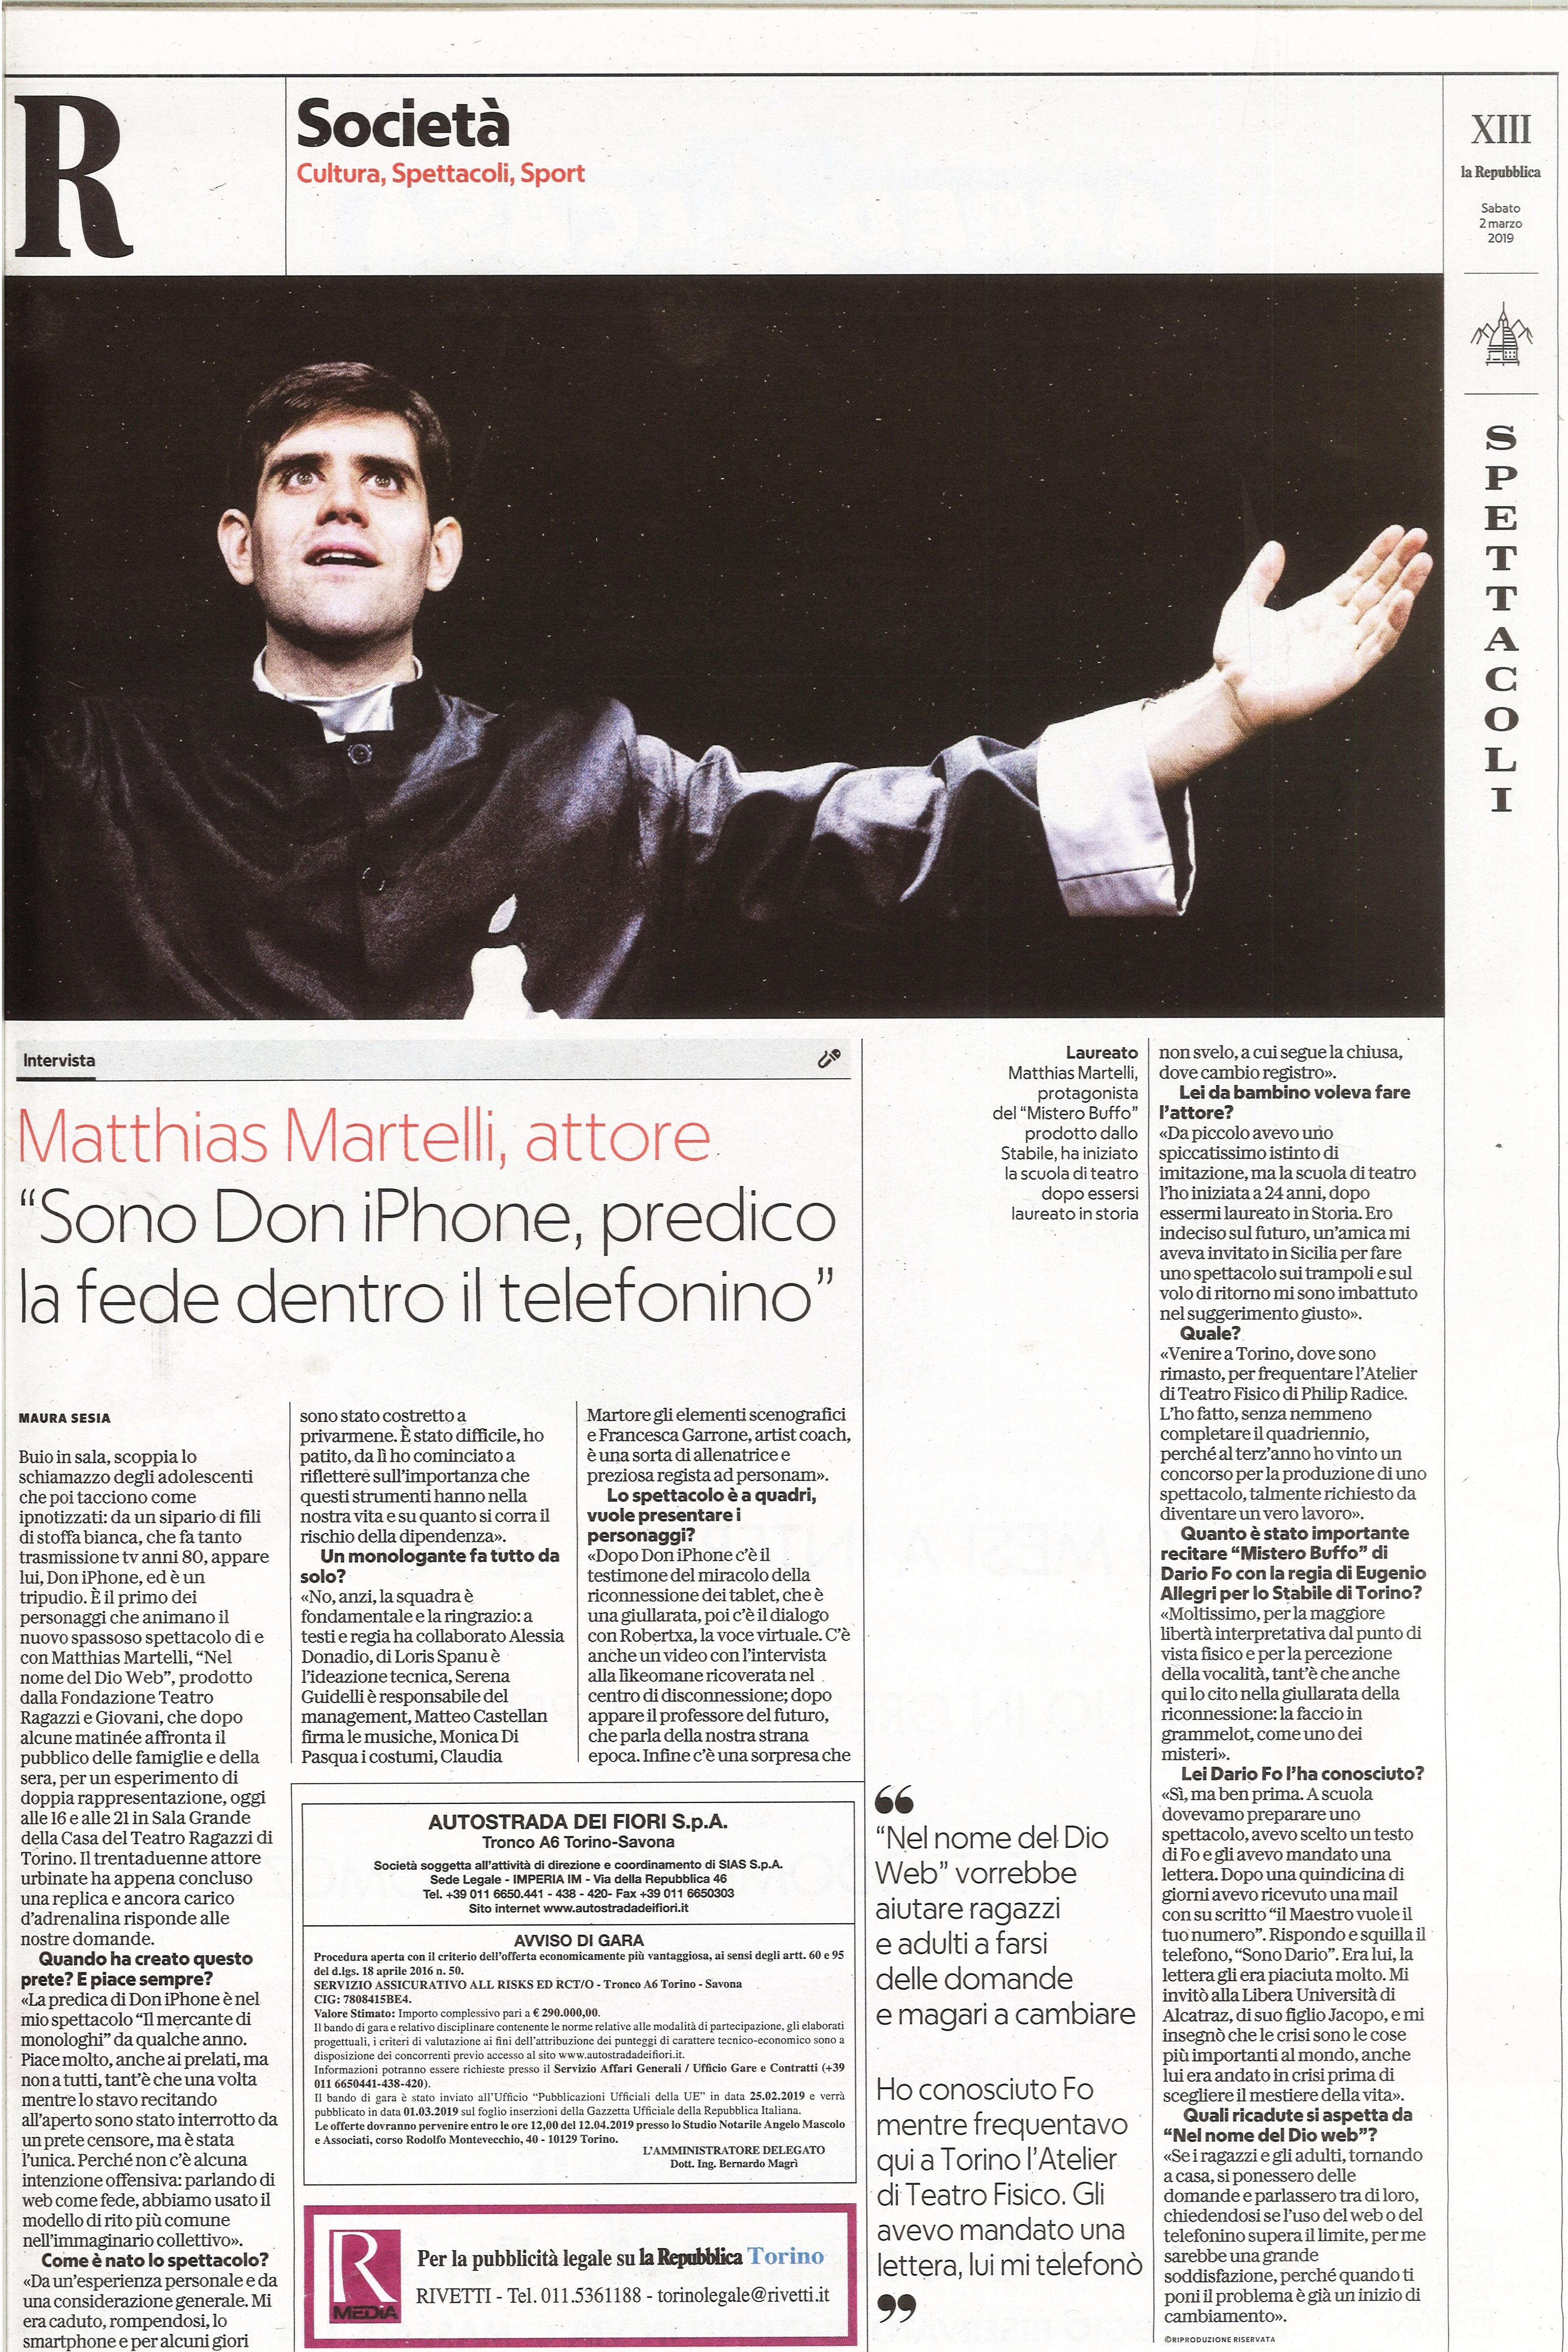 La Repubblica, 1-3-2019